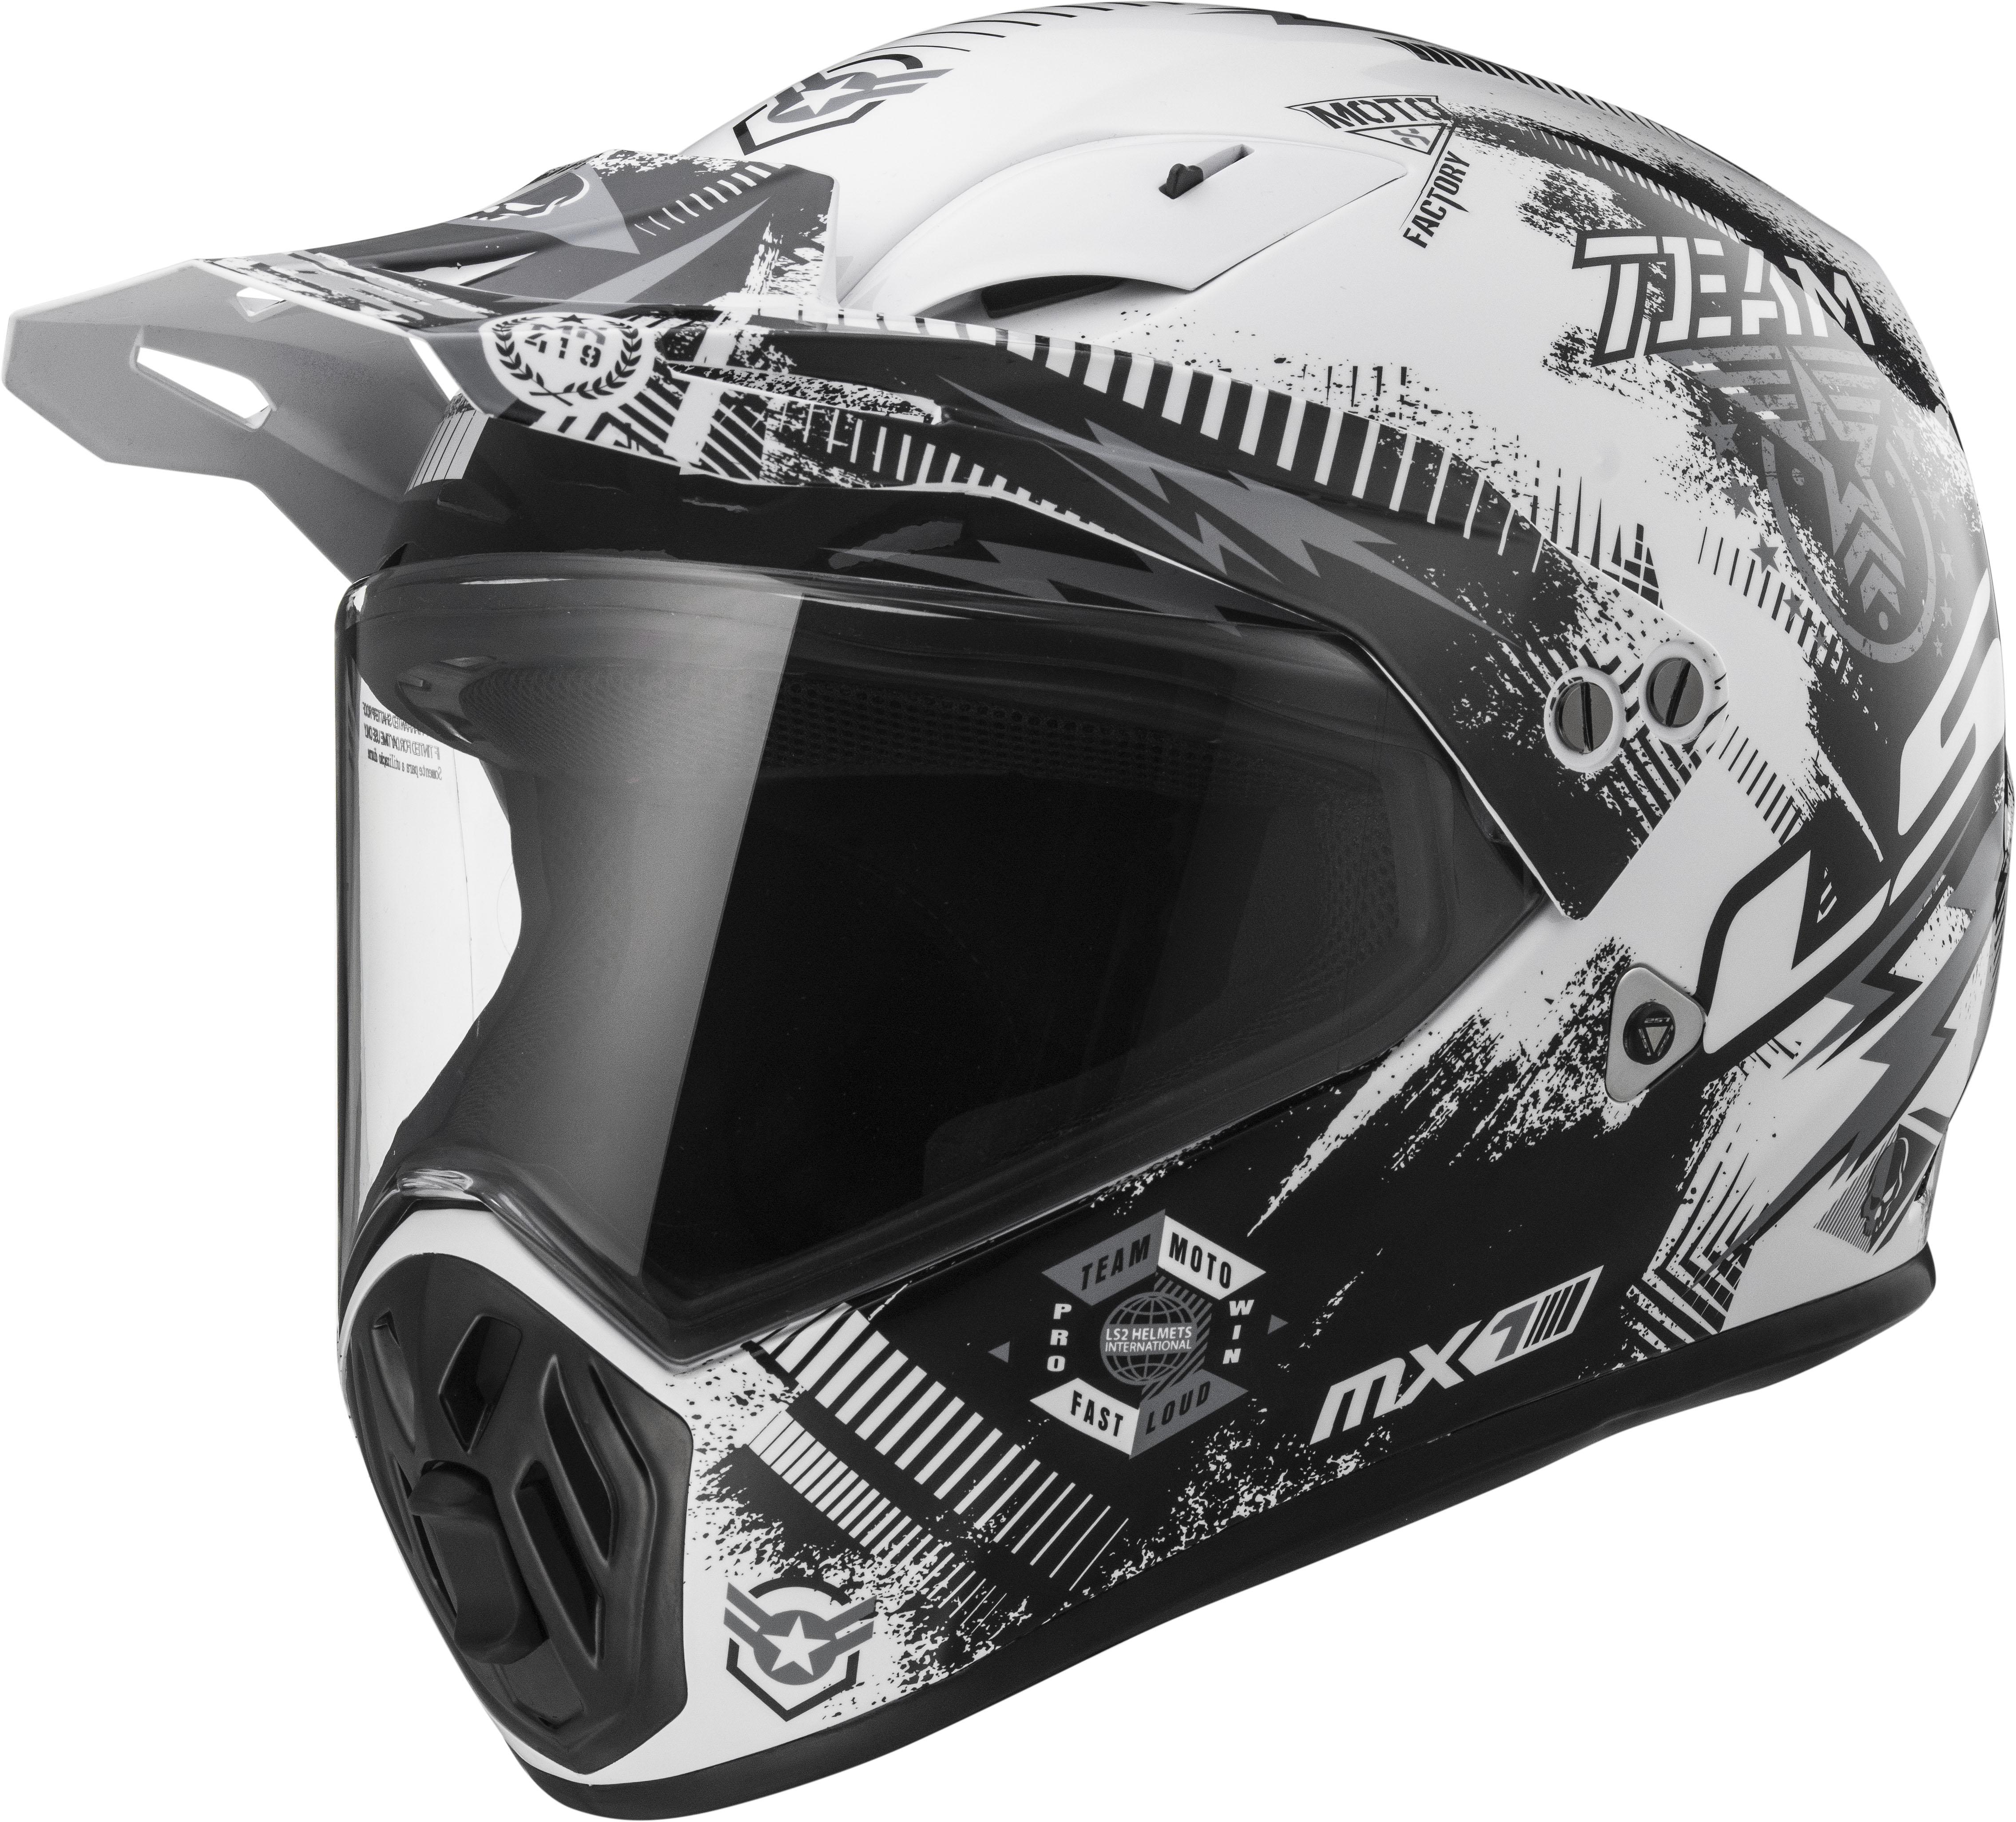 OHM Moto Factory Helmet